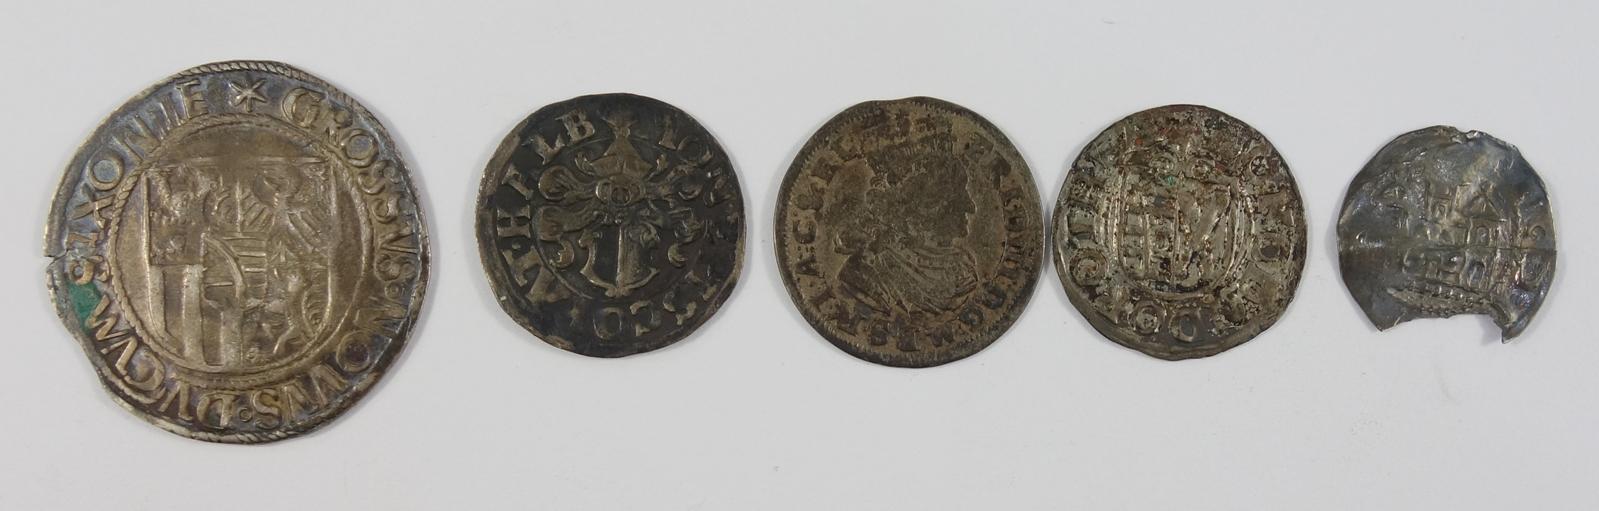 Konvolut 5 silberne Kleinmünzen, 18.Jh., u.a. Engelsgroschen (Schreckenberger) o.J., Friedrich III.,